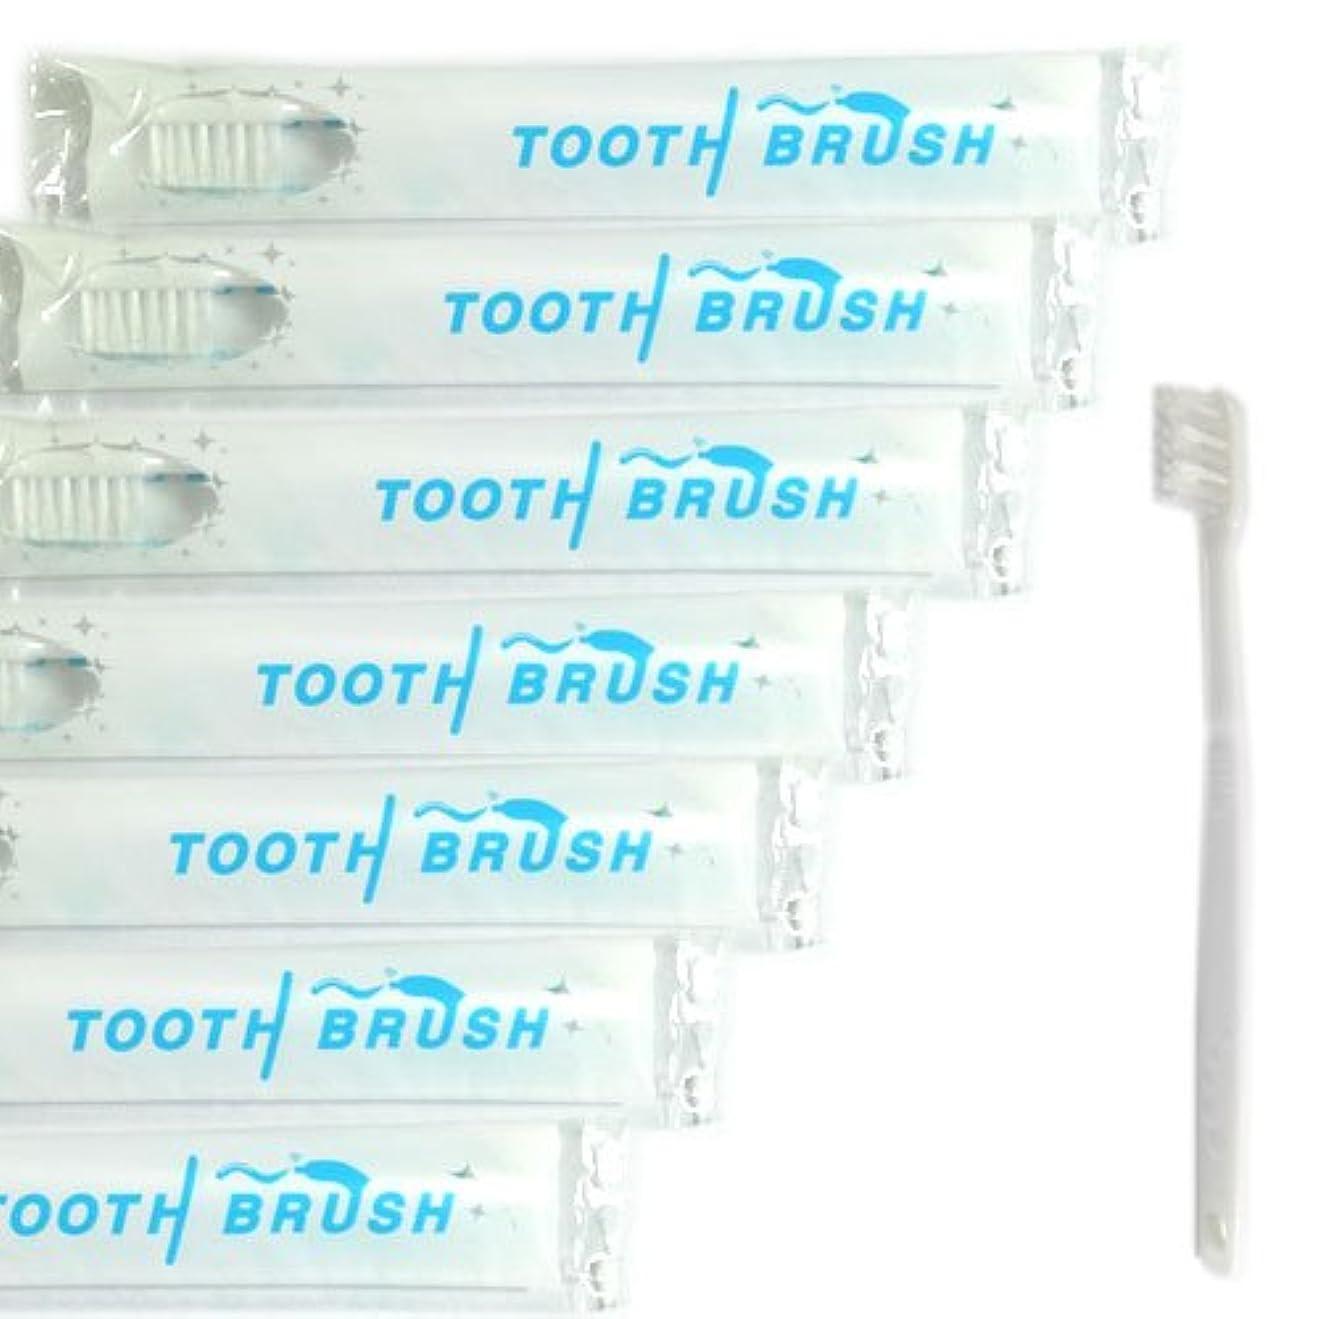 新着認証私たちのもの業務用 使い捨て(インスタント) 粉付き歯ブラシ(100本組) 予備付き